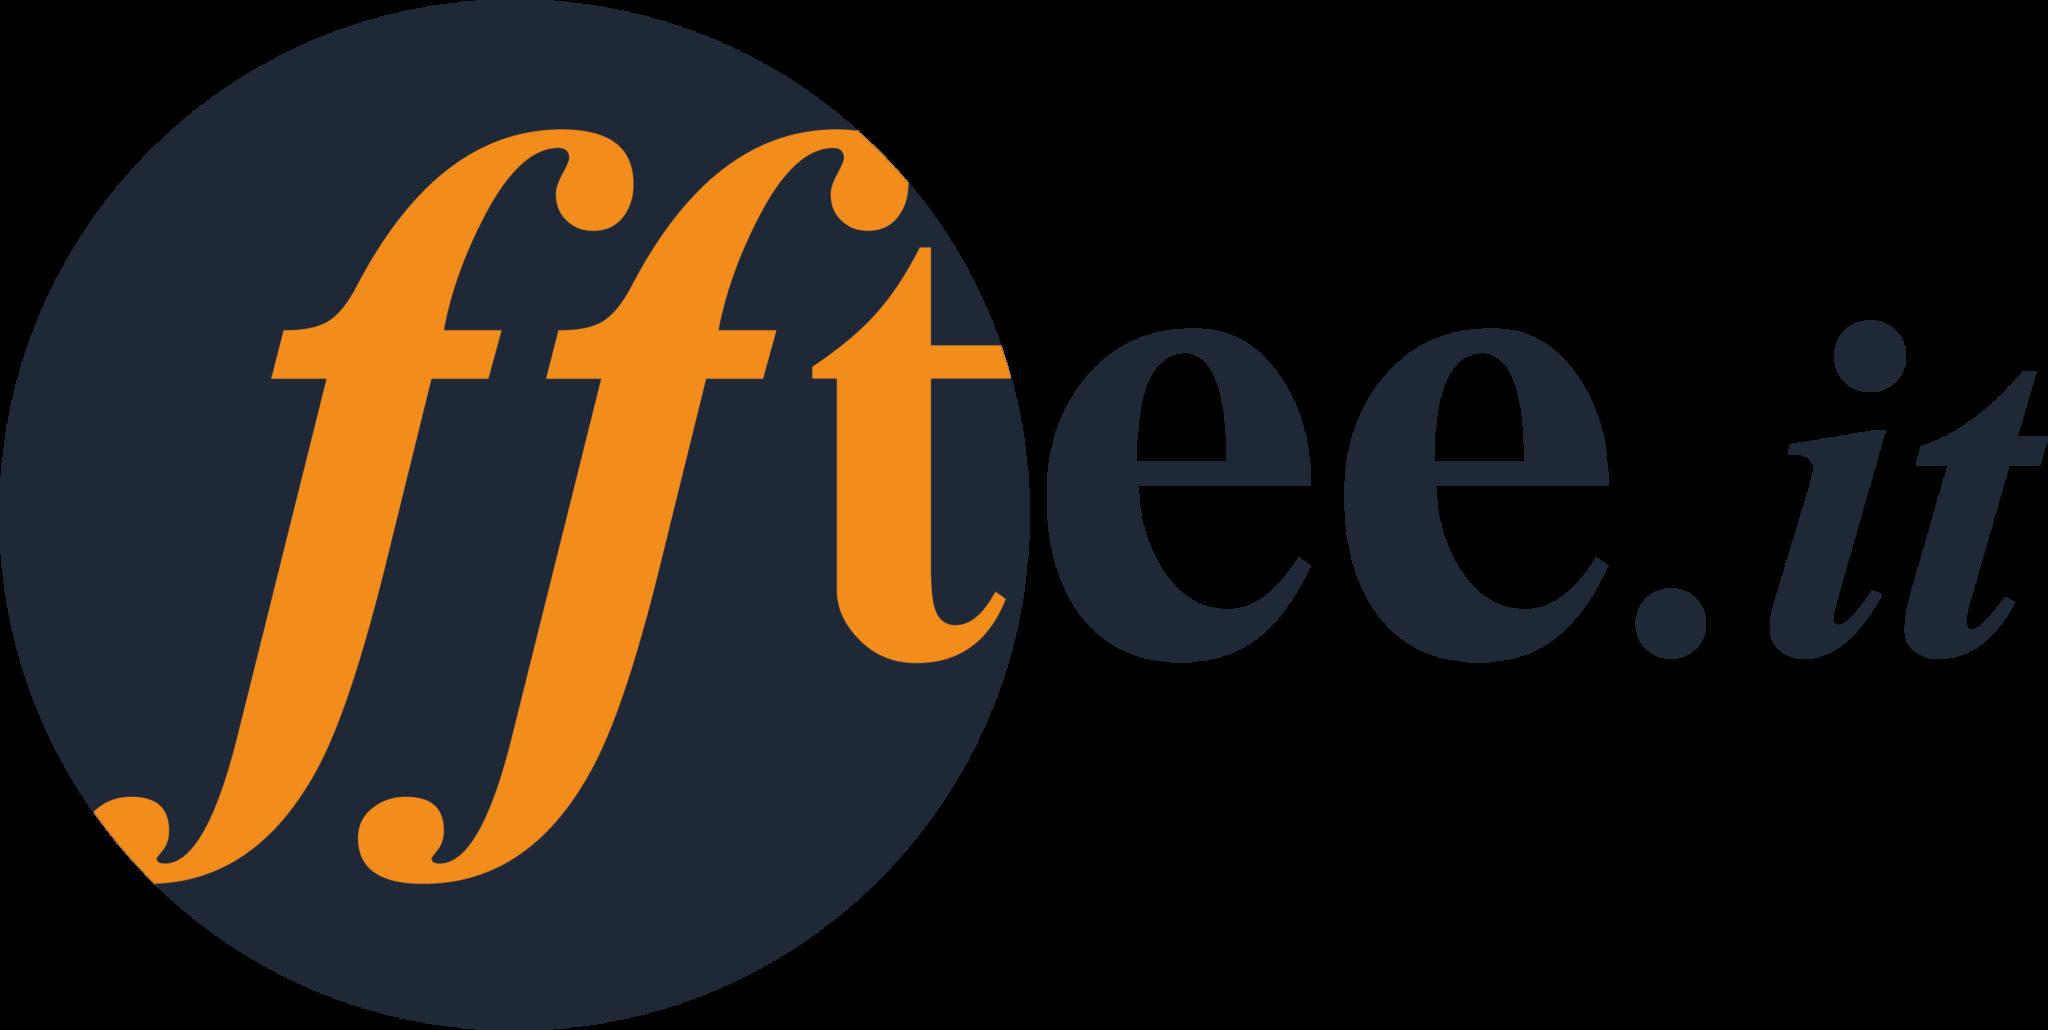 FFTEE.IT